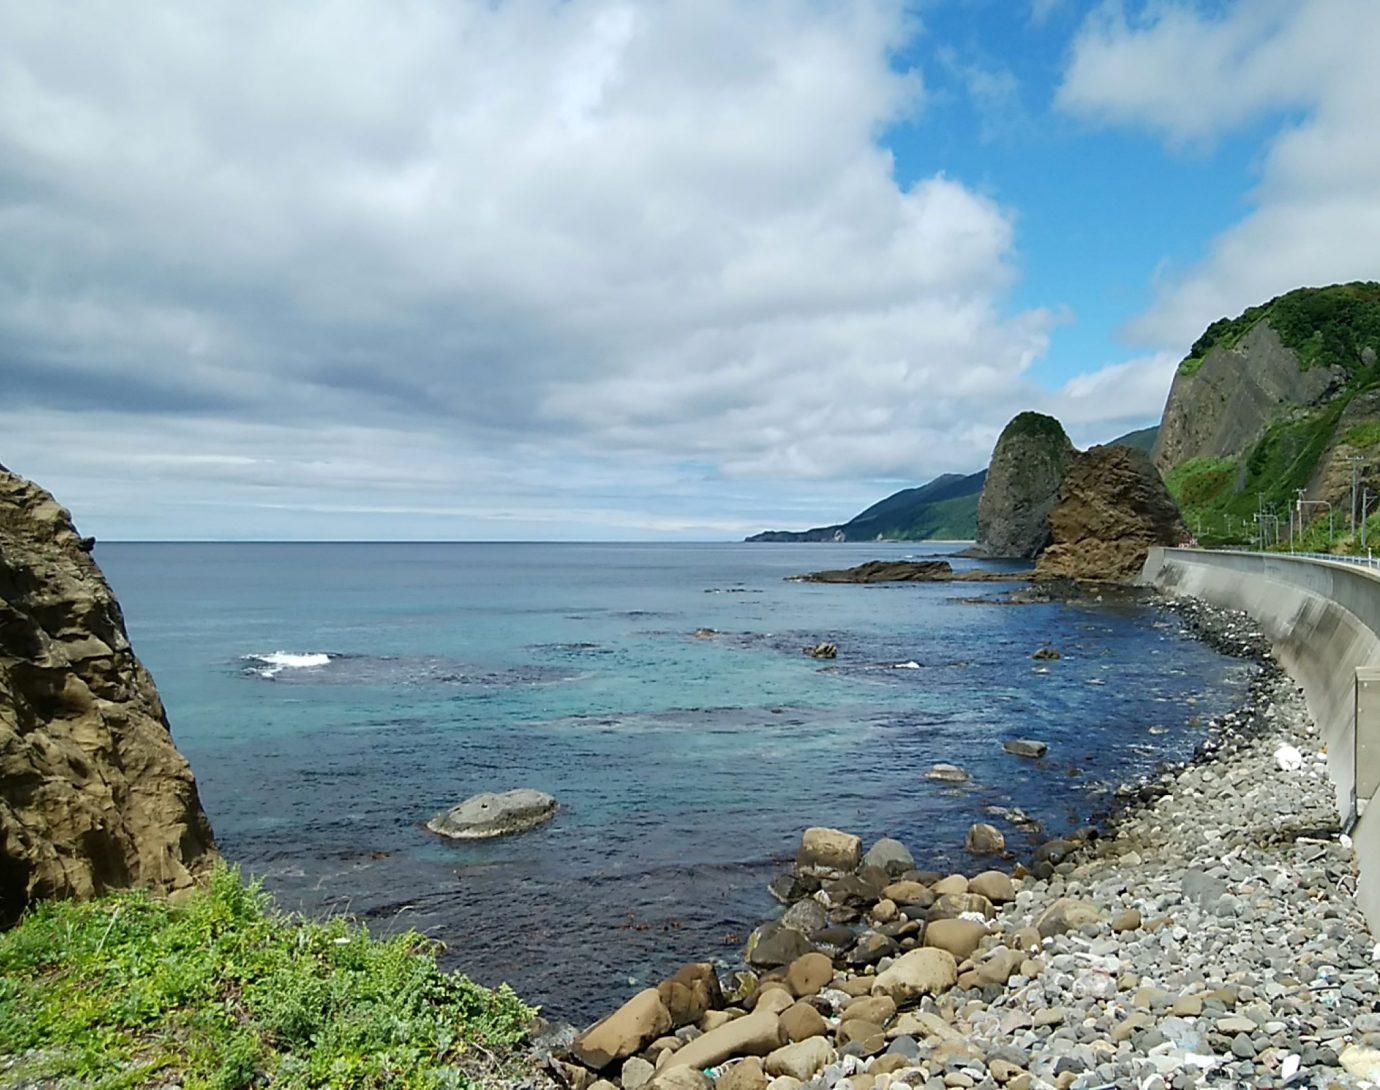 奥尻島 「奥尻島フットパス」を歩いて、大自然と島の生活を体感してみよう